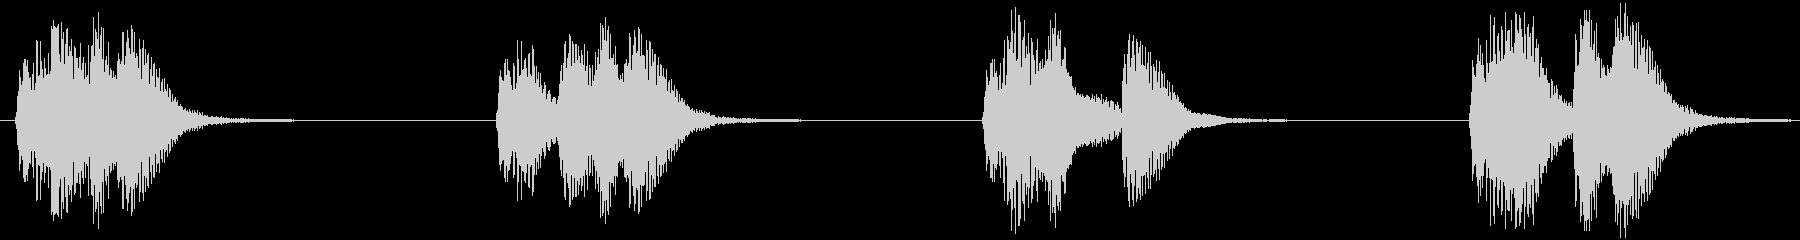 マンホール音セット(ガランガラン)の未再生の波形